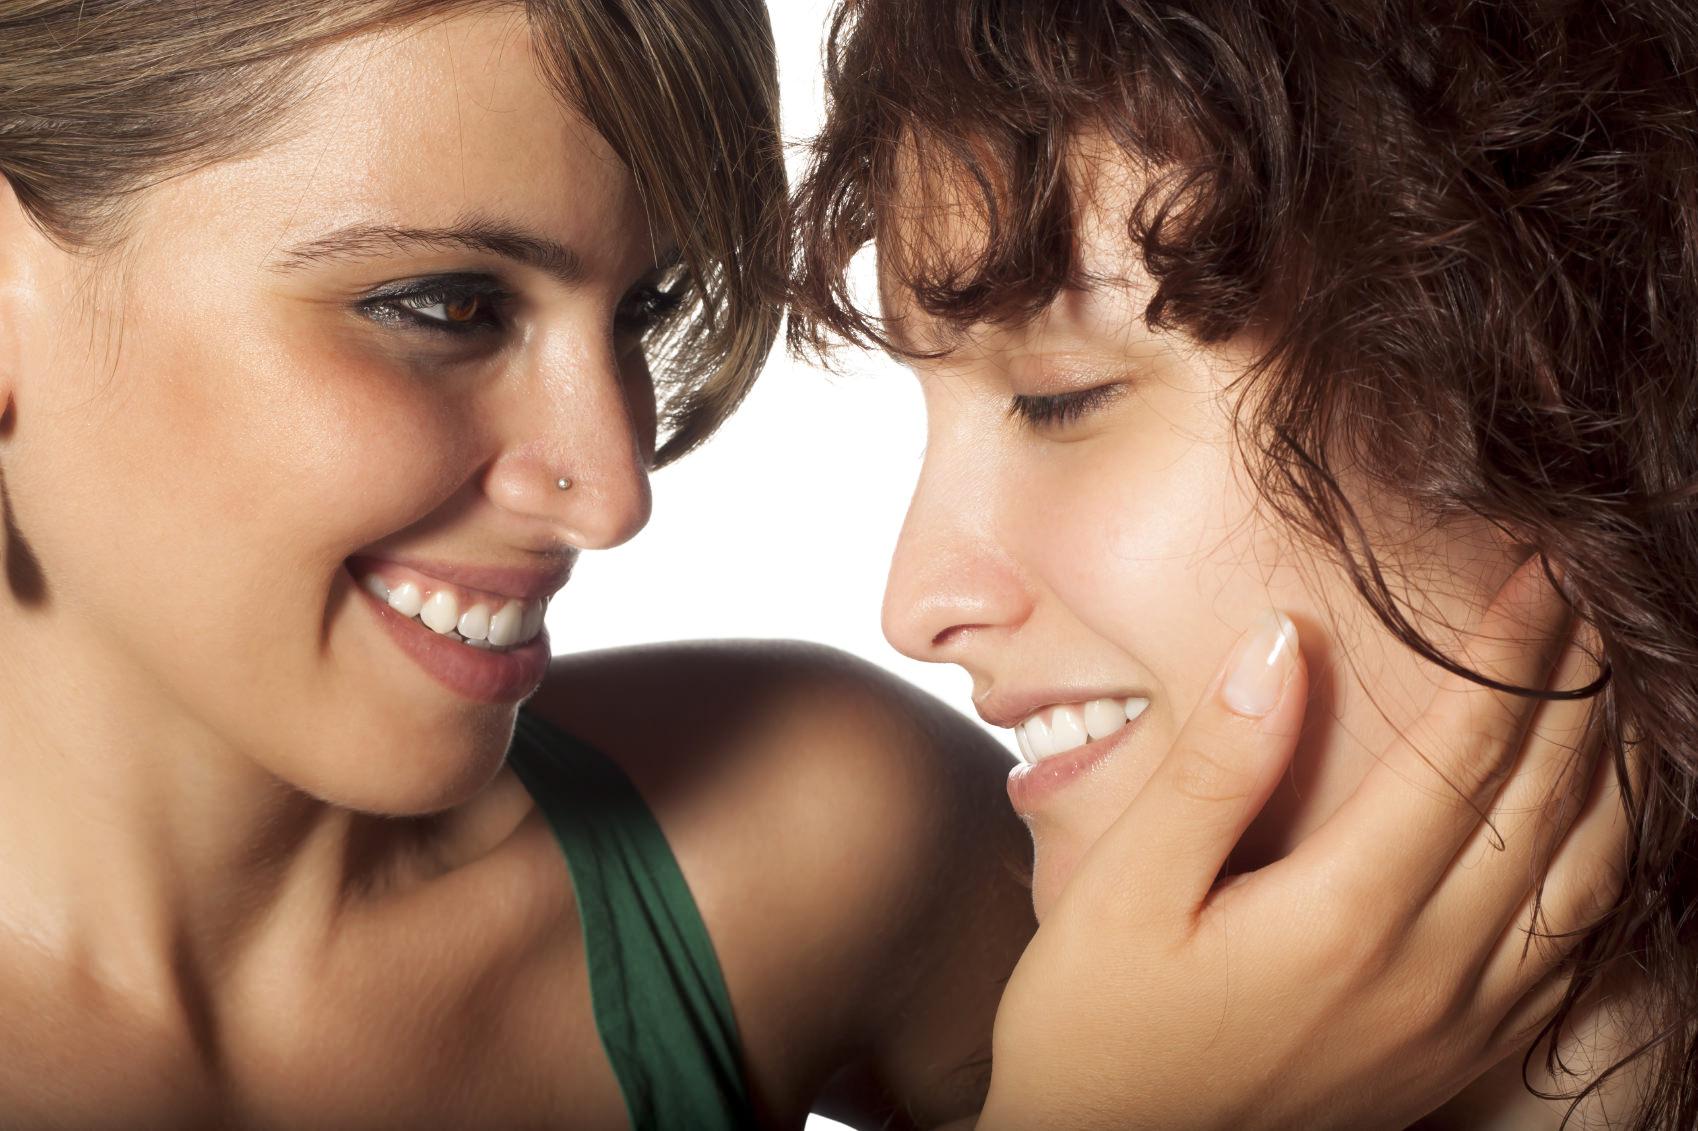 Ein lachendes lesbisches Pärchen. ©MrKornFlakes – istockphoto.com